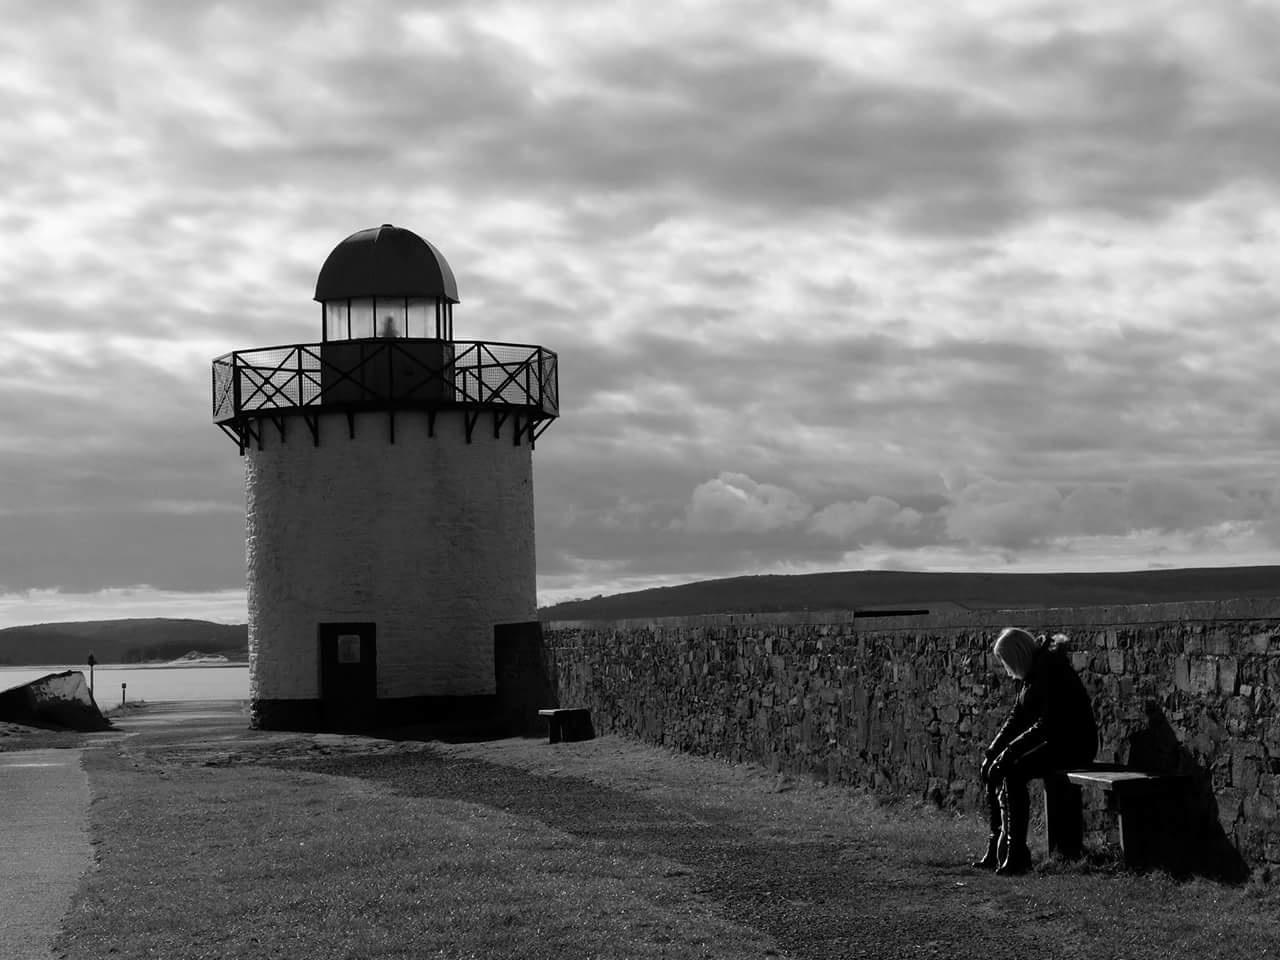 Burry Port lighthouse by sergentcolon